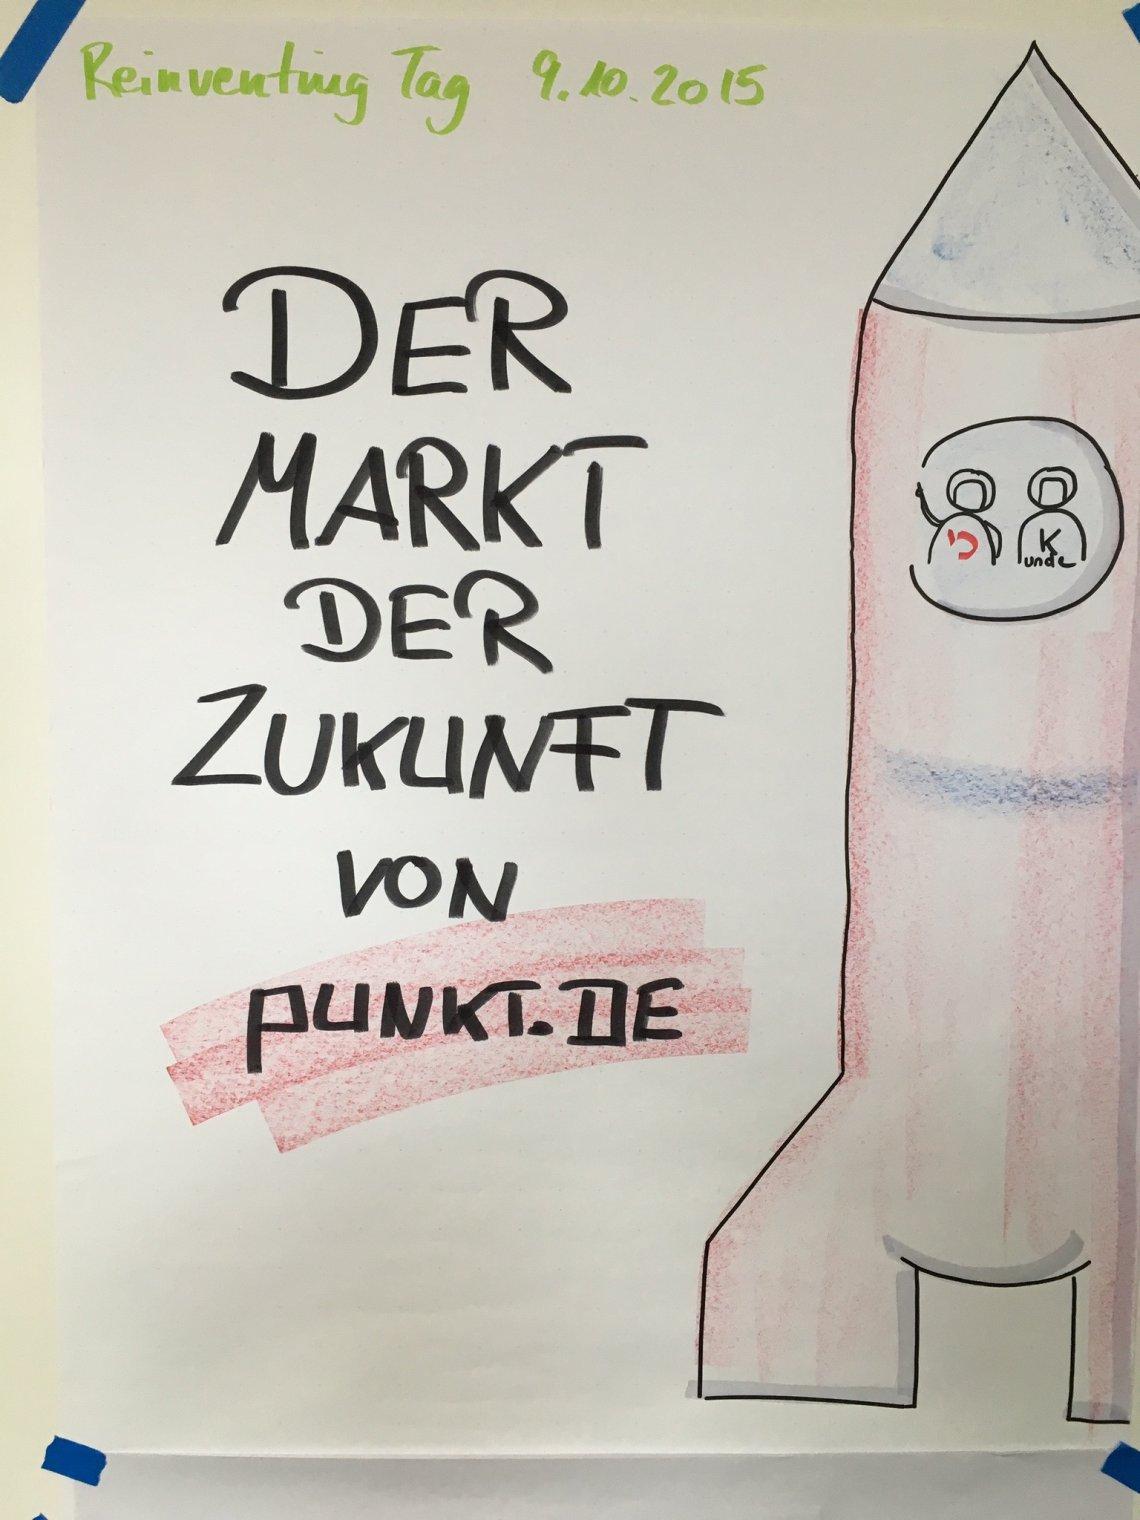 Foto des Plakats vom Reinventing Tag: Der Markt der Zukunft von punkt.de